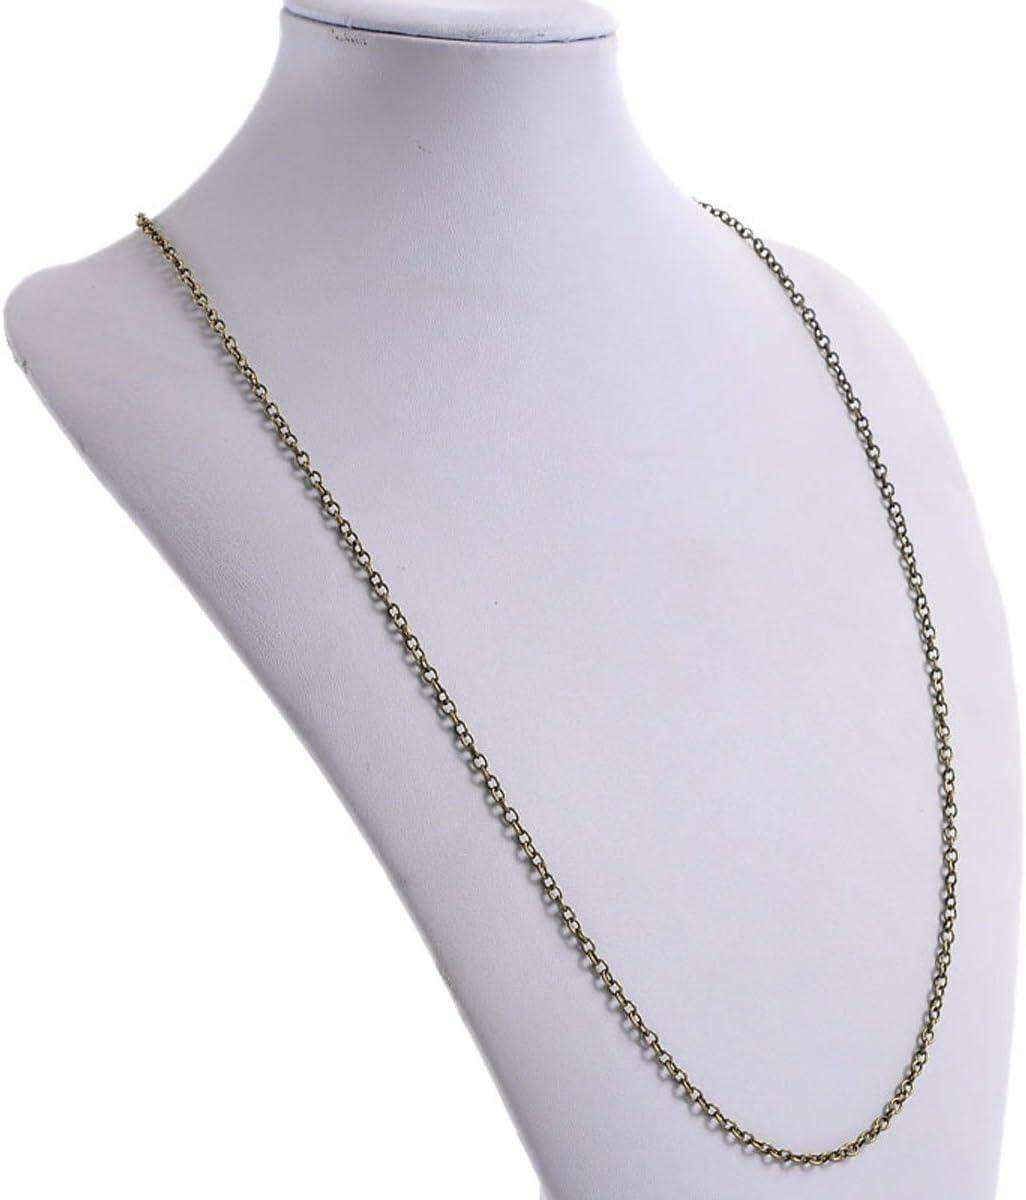 """long 30/"""" 12 PCs Lobster Clasp Link Chain Necklaces Bronze Tone 76.2cm"""